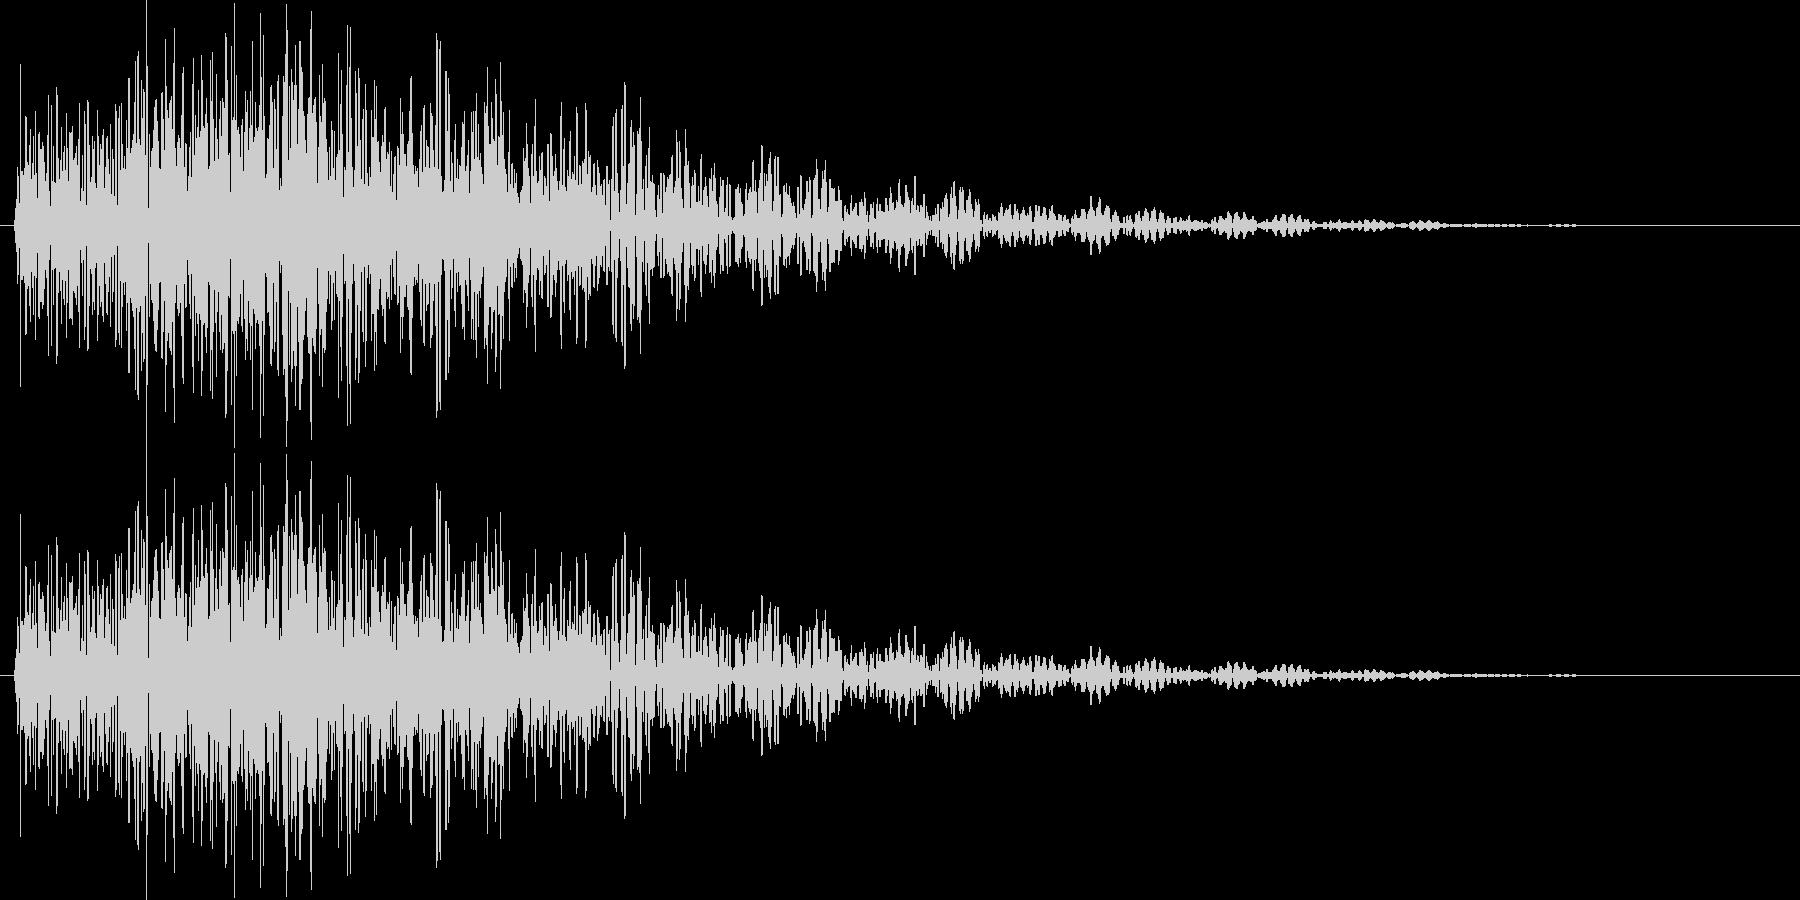 タララン 低 (ボタン、スタート音)の未再生の波形